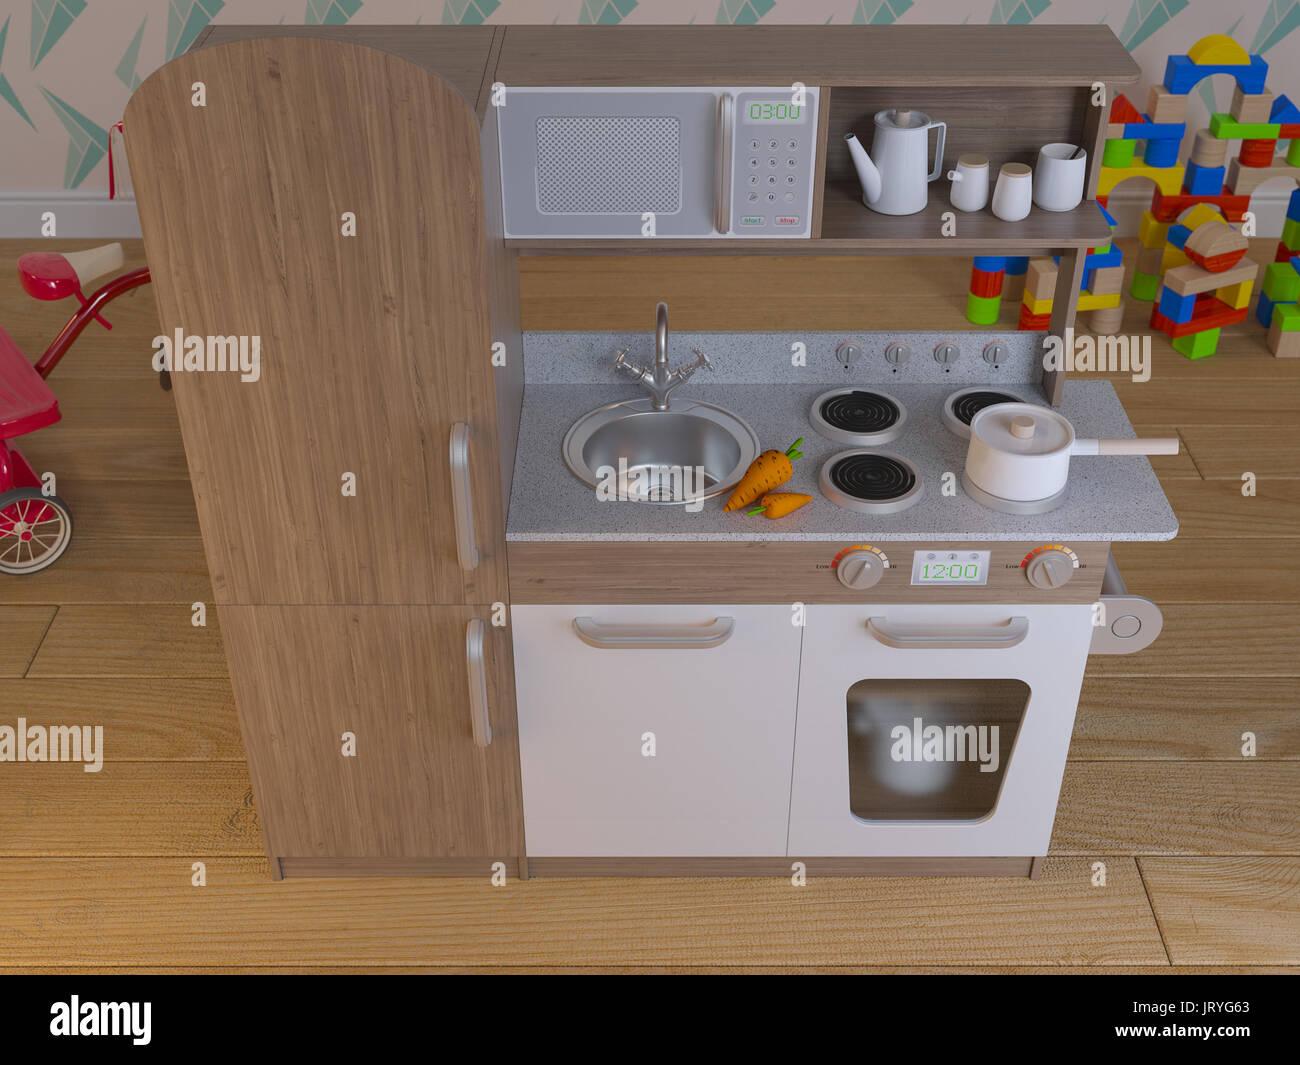 Kinder Küche design interieur für das Kochen so tun, als Spiel mit ...